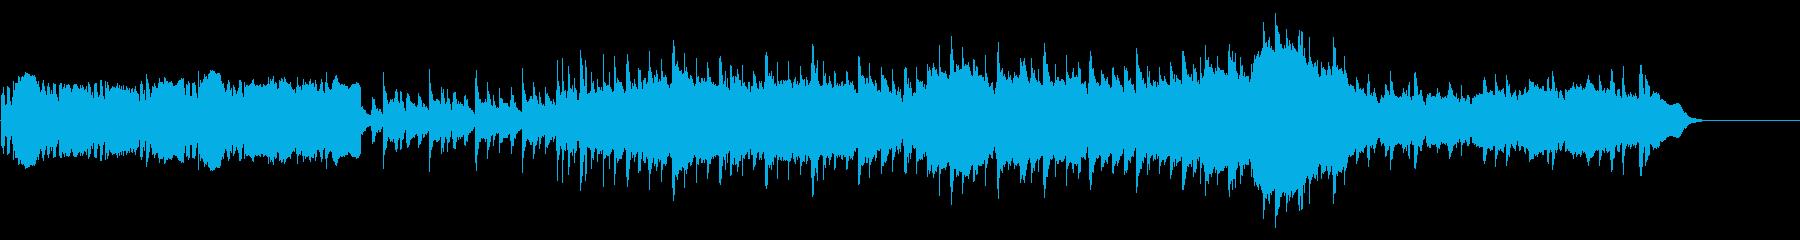 のどかな雰囲気のバラードポップスの再生済みの波形